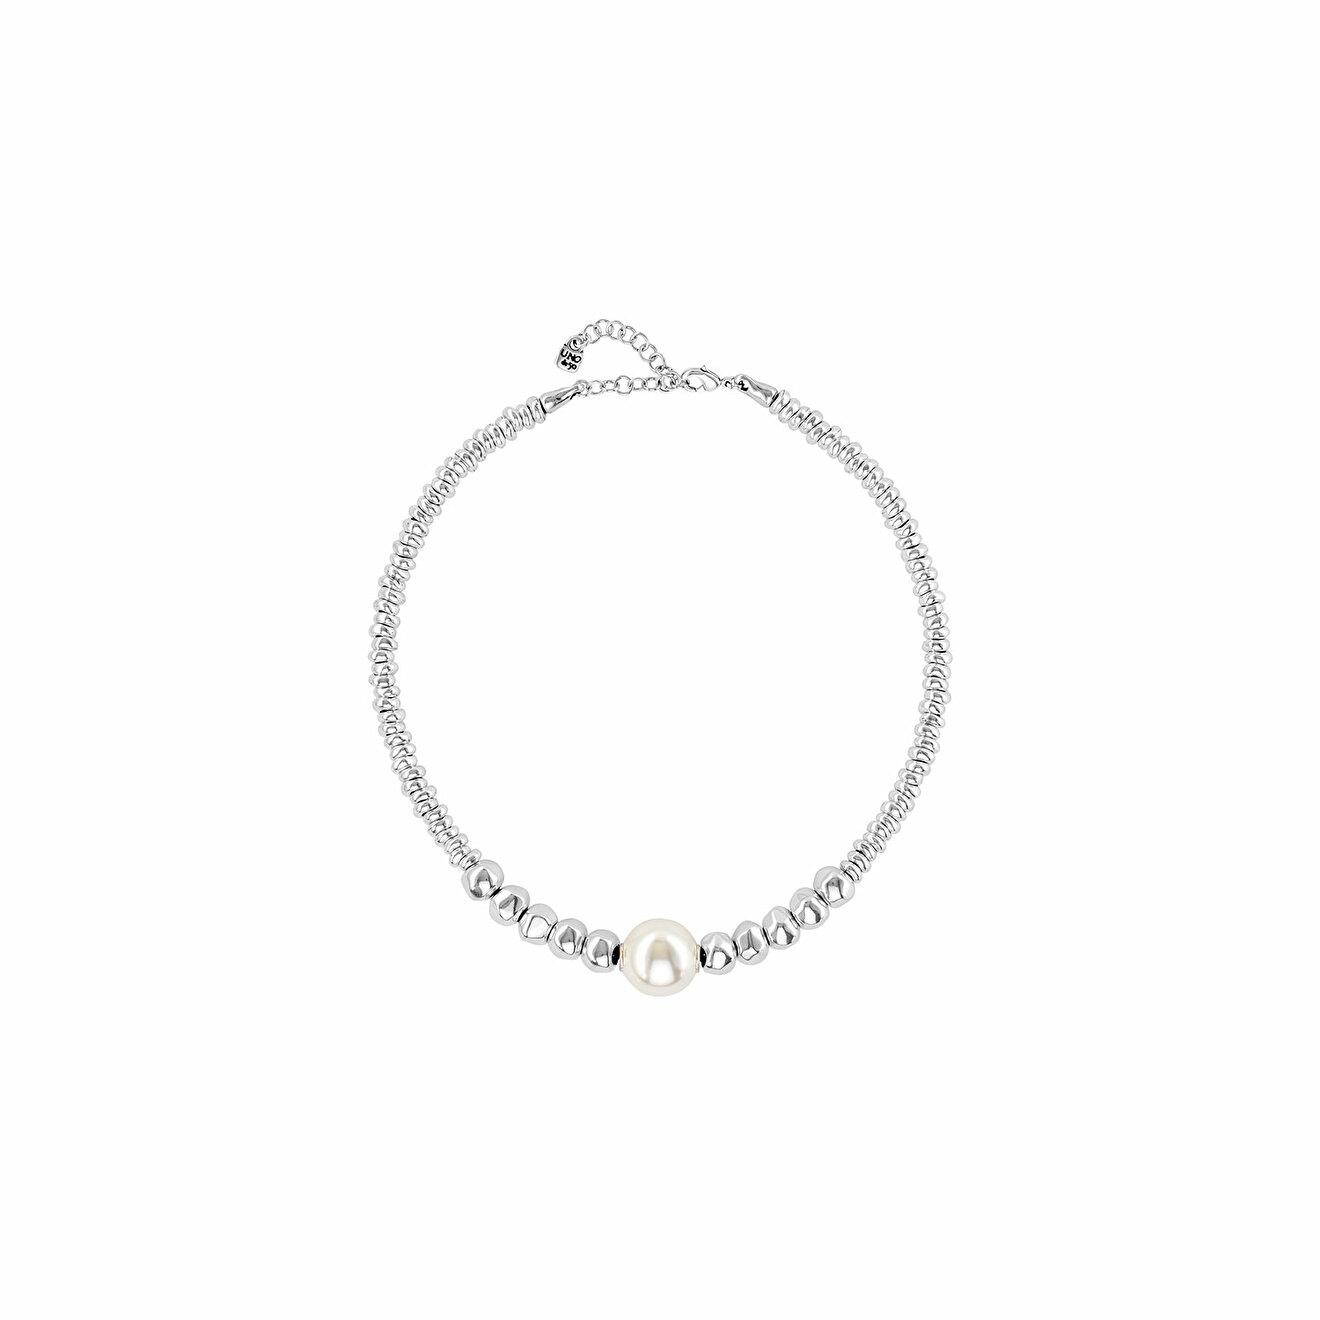 Unode50 Покрытое серебром короткое ожерелье с подвесками и синтетическим жемчугом Moody unode50 покрытое серебром короткое ожерелье с подвесками и синтетическим жемчугом moody